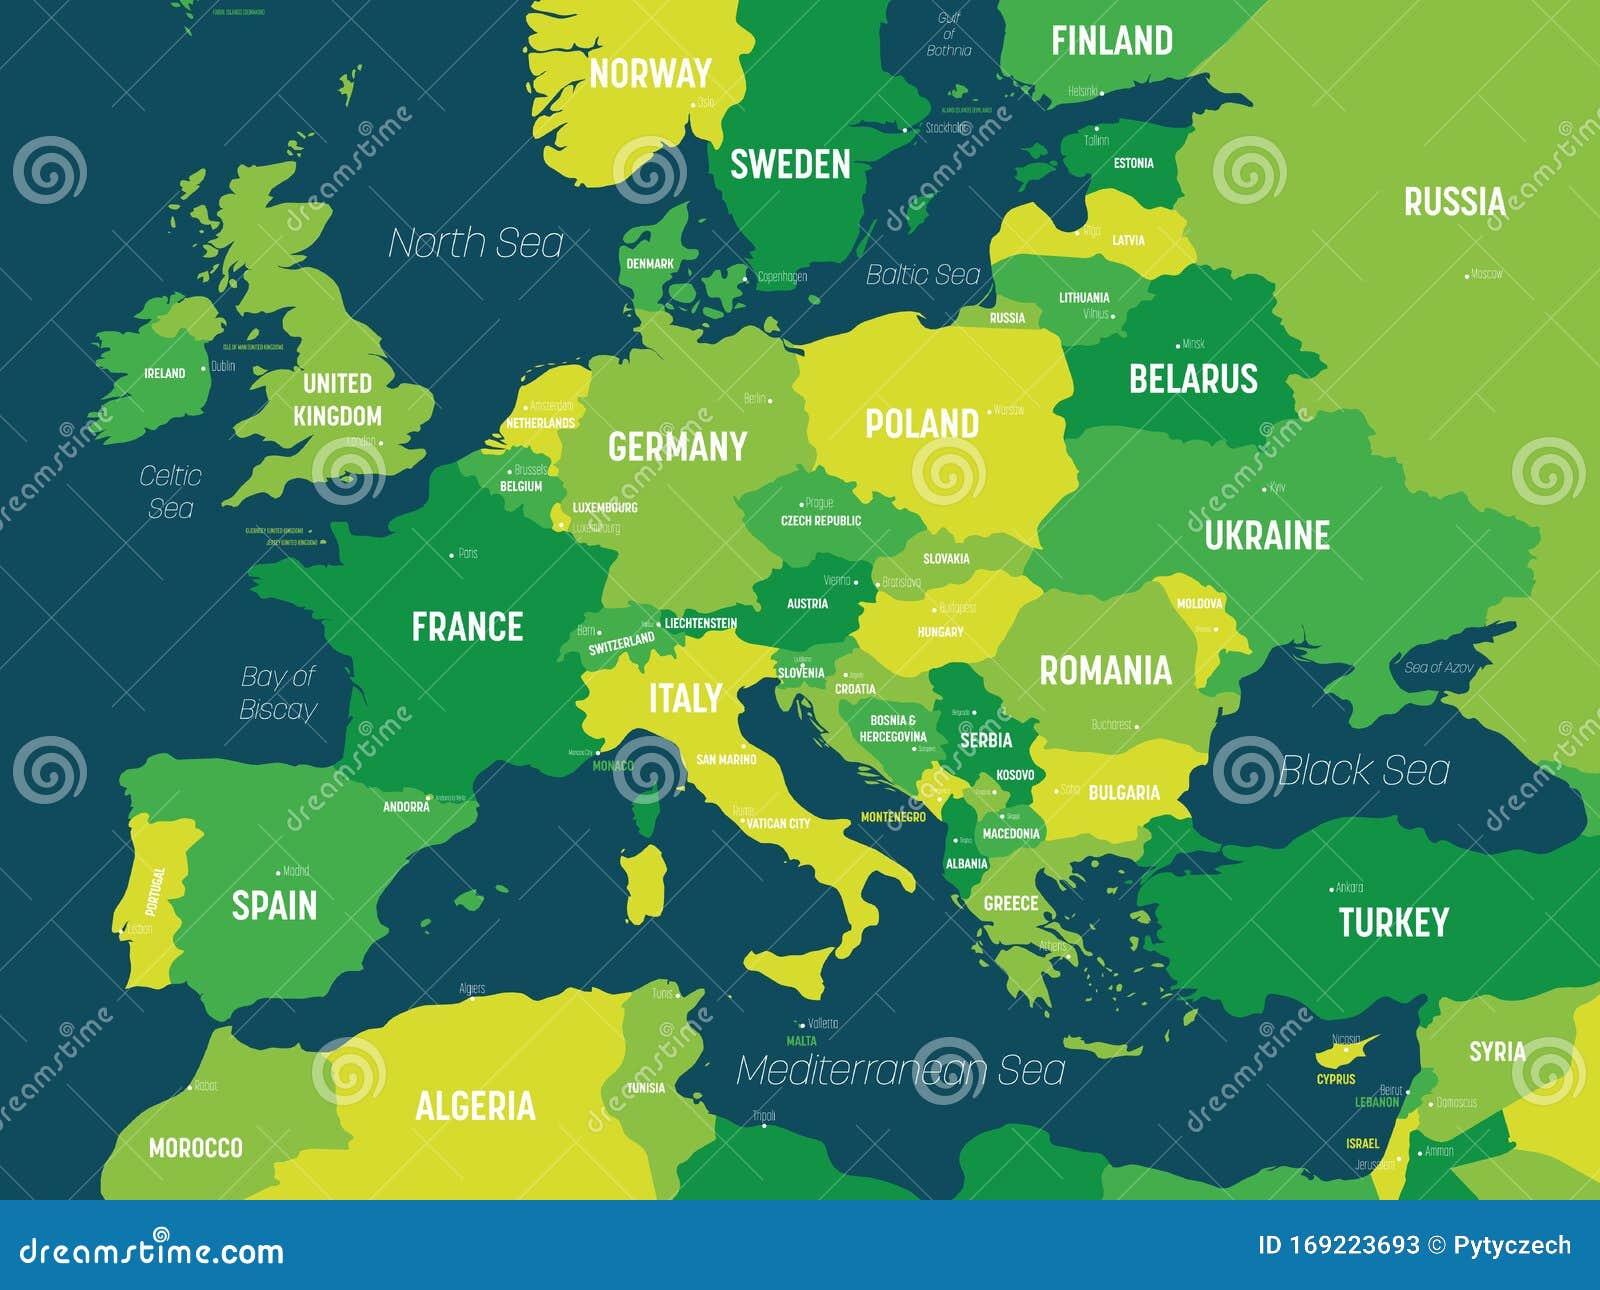 Cartina Con Capitali Europa.Mappa Europea Colore Verde Su Sfondo Scuro Cartina Politica Del Continente Europeo Con Il Paese Illustrazione Vettoriale Illustrazione Di Europeo Europa 169223693